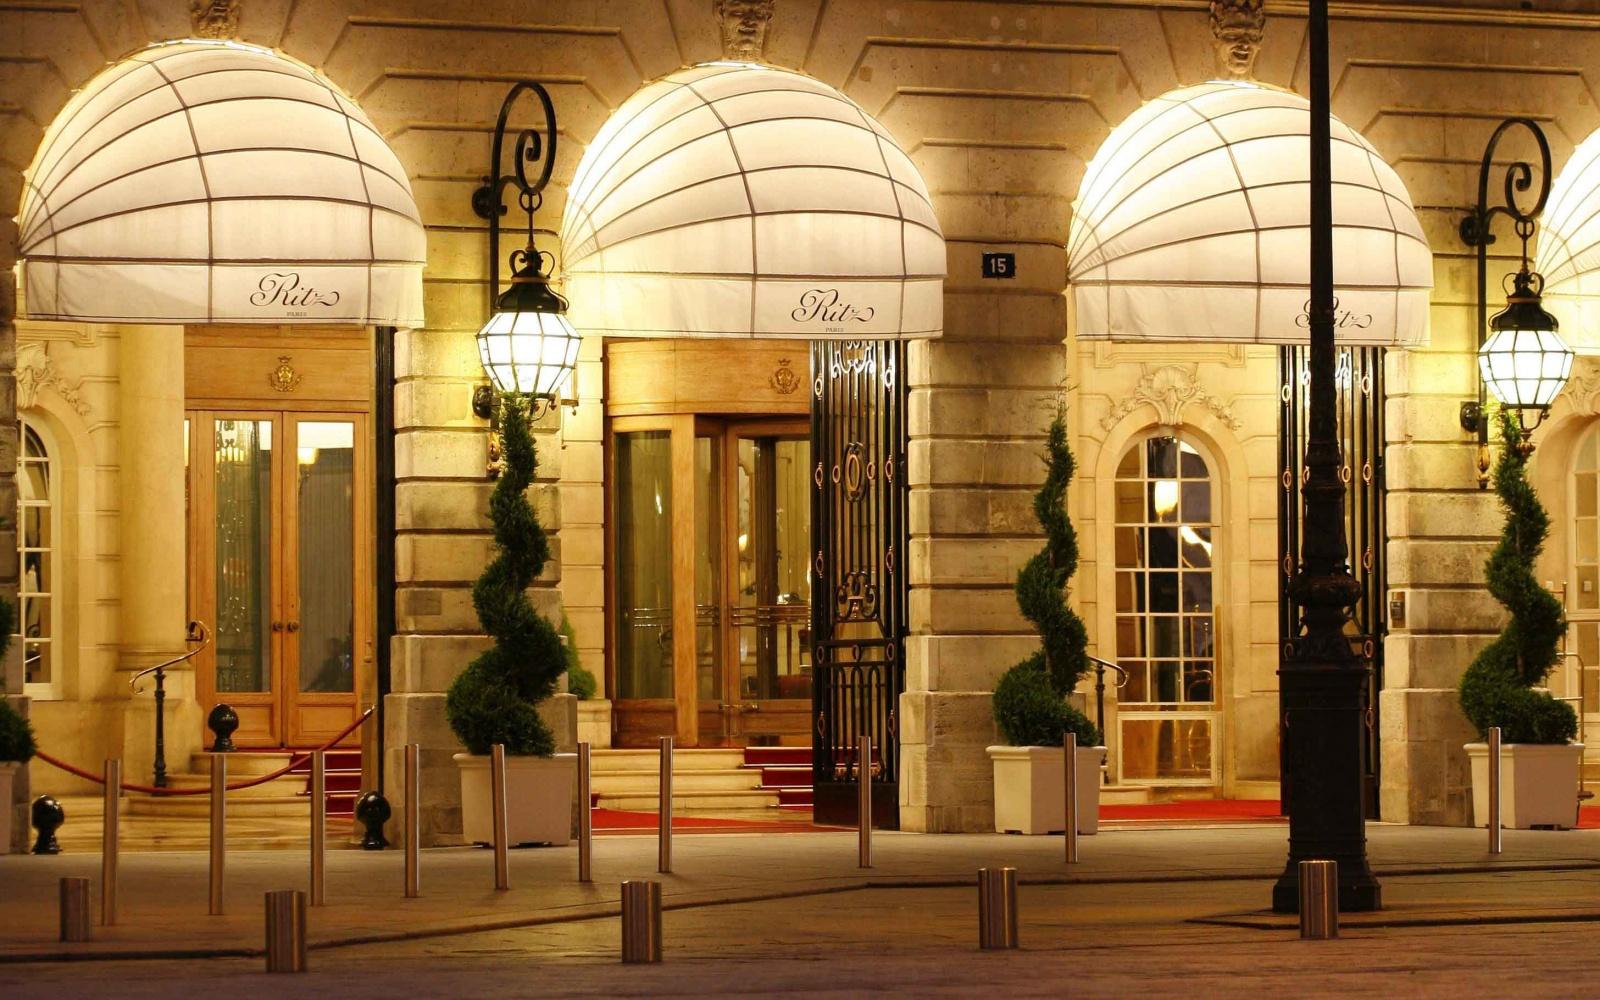 Το ξενοδοχείο Ritz πουλάει σε δημοπρασία 3.500 παλιά έπιπλα, μετά την ανακαίνισή του | tlife.gr